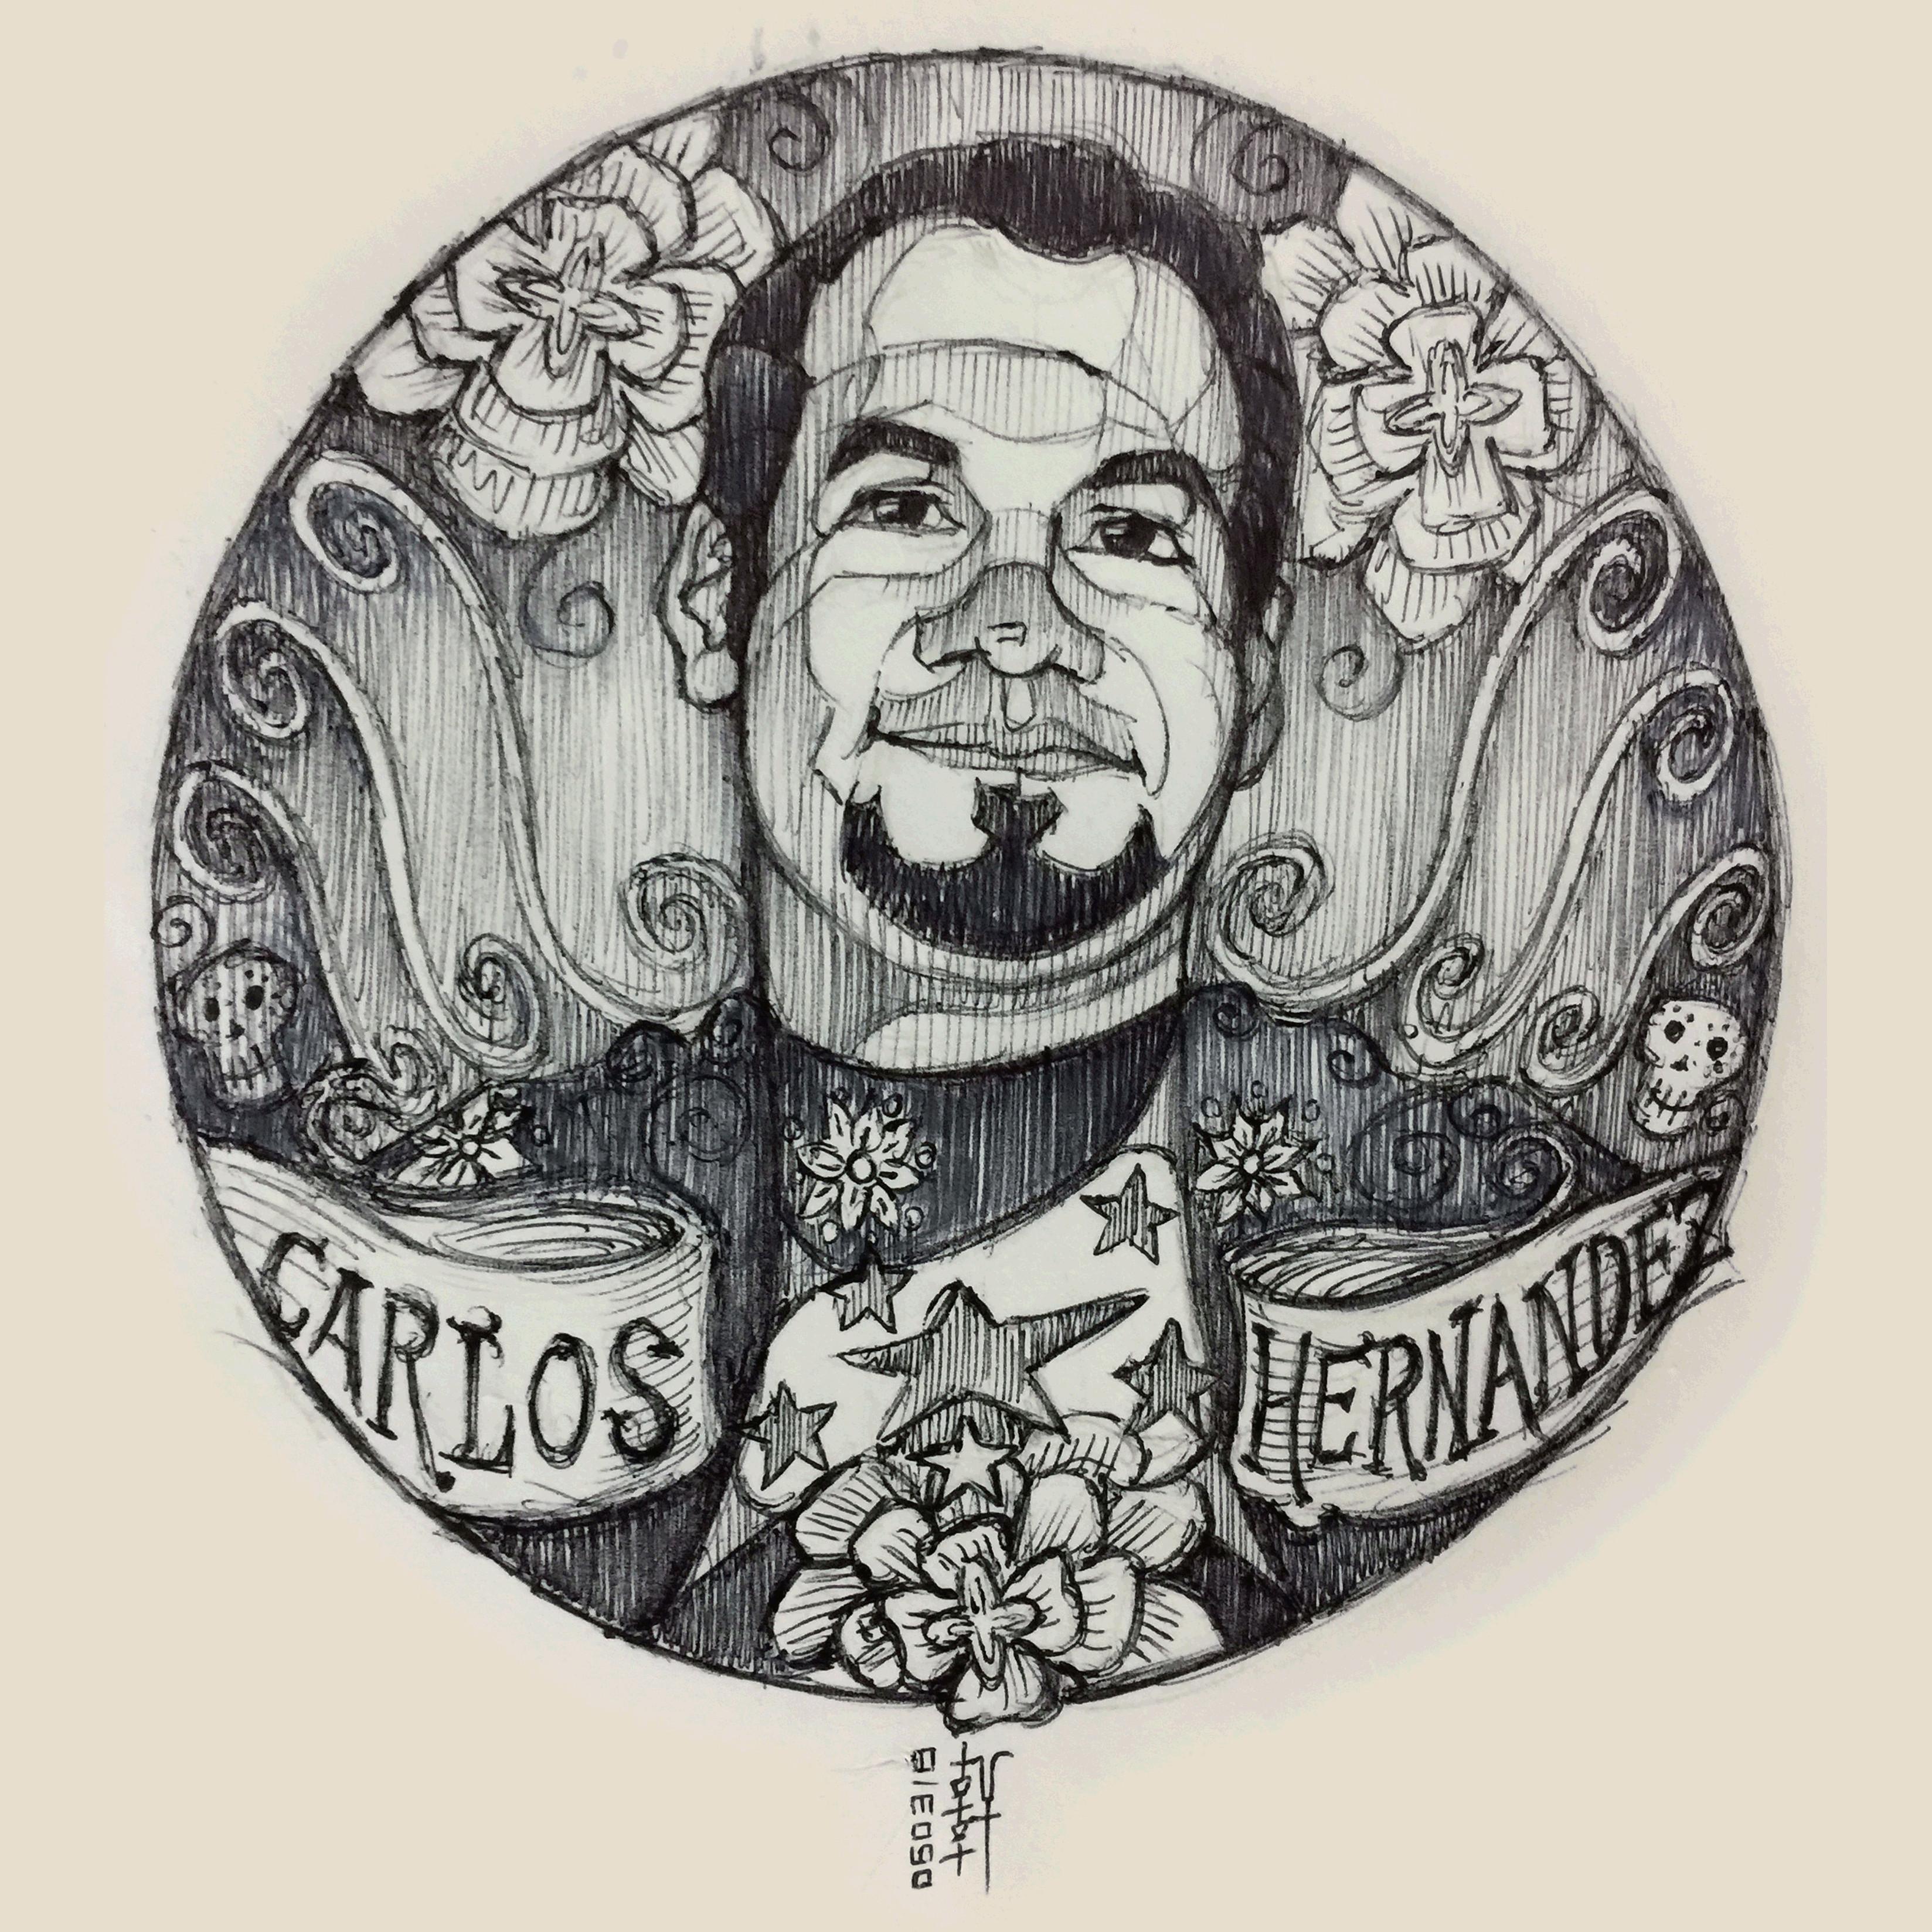 Day 06-03-18 - Carlos